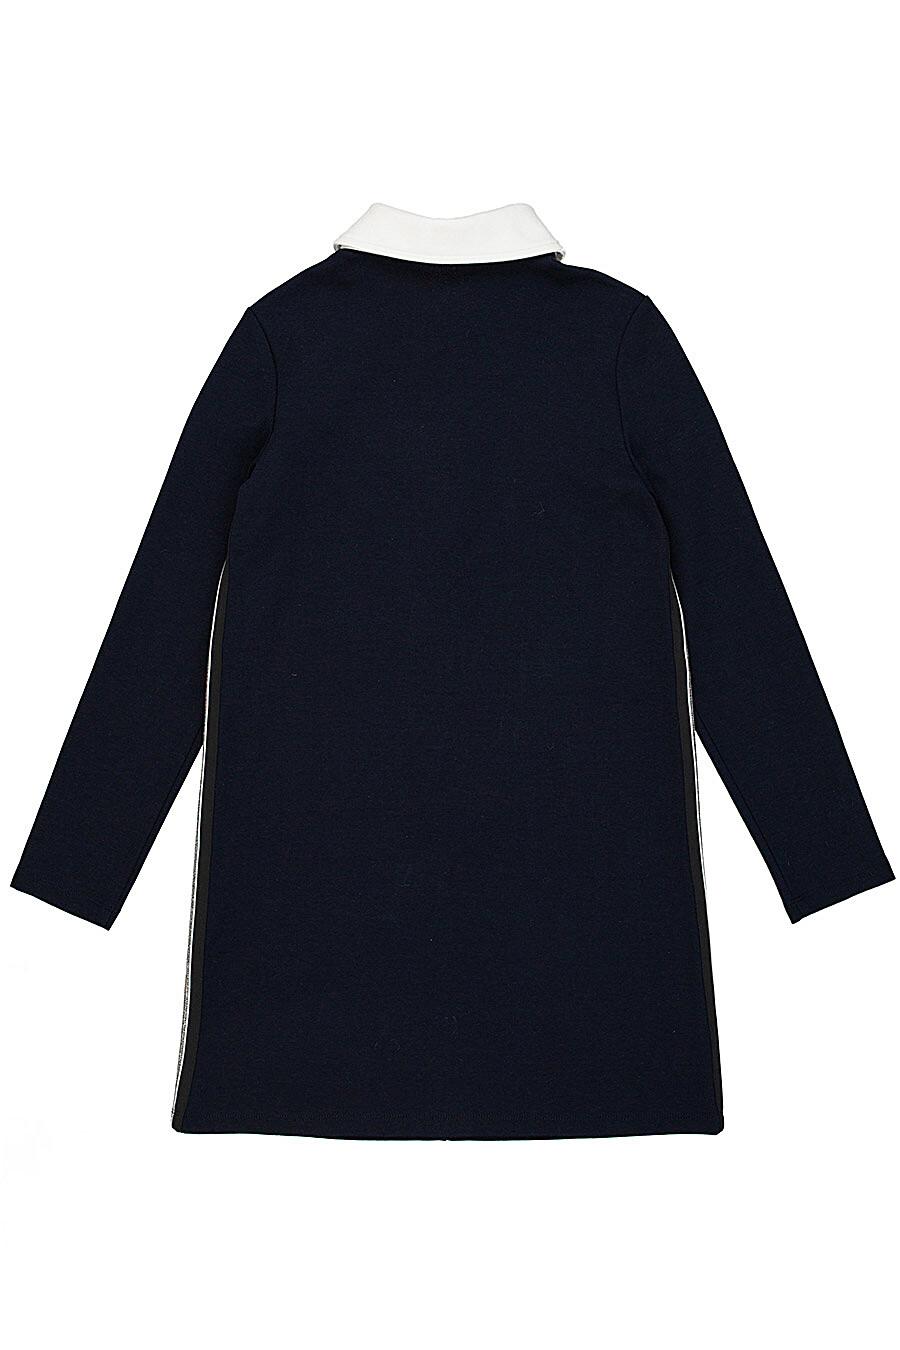 Платье для девочек IN FUNT 218816 купить оптом от производителя. Совместная покупка детской одежды в OptMoyo